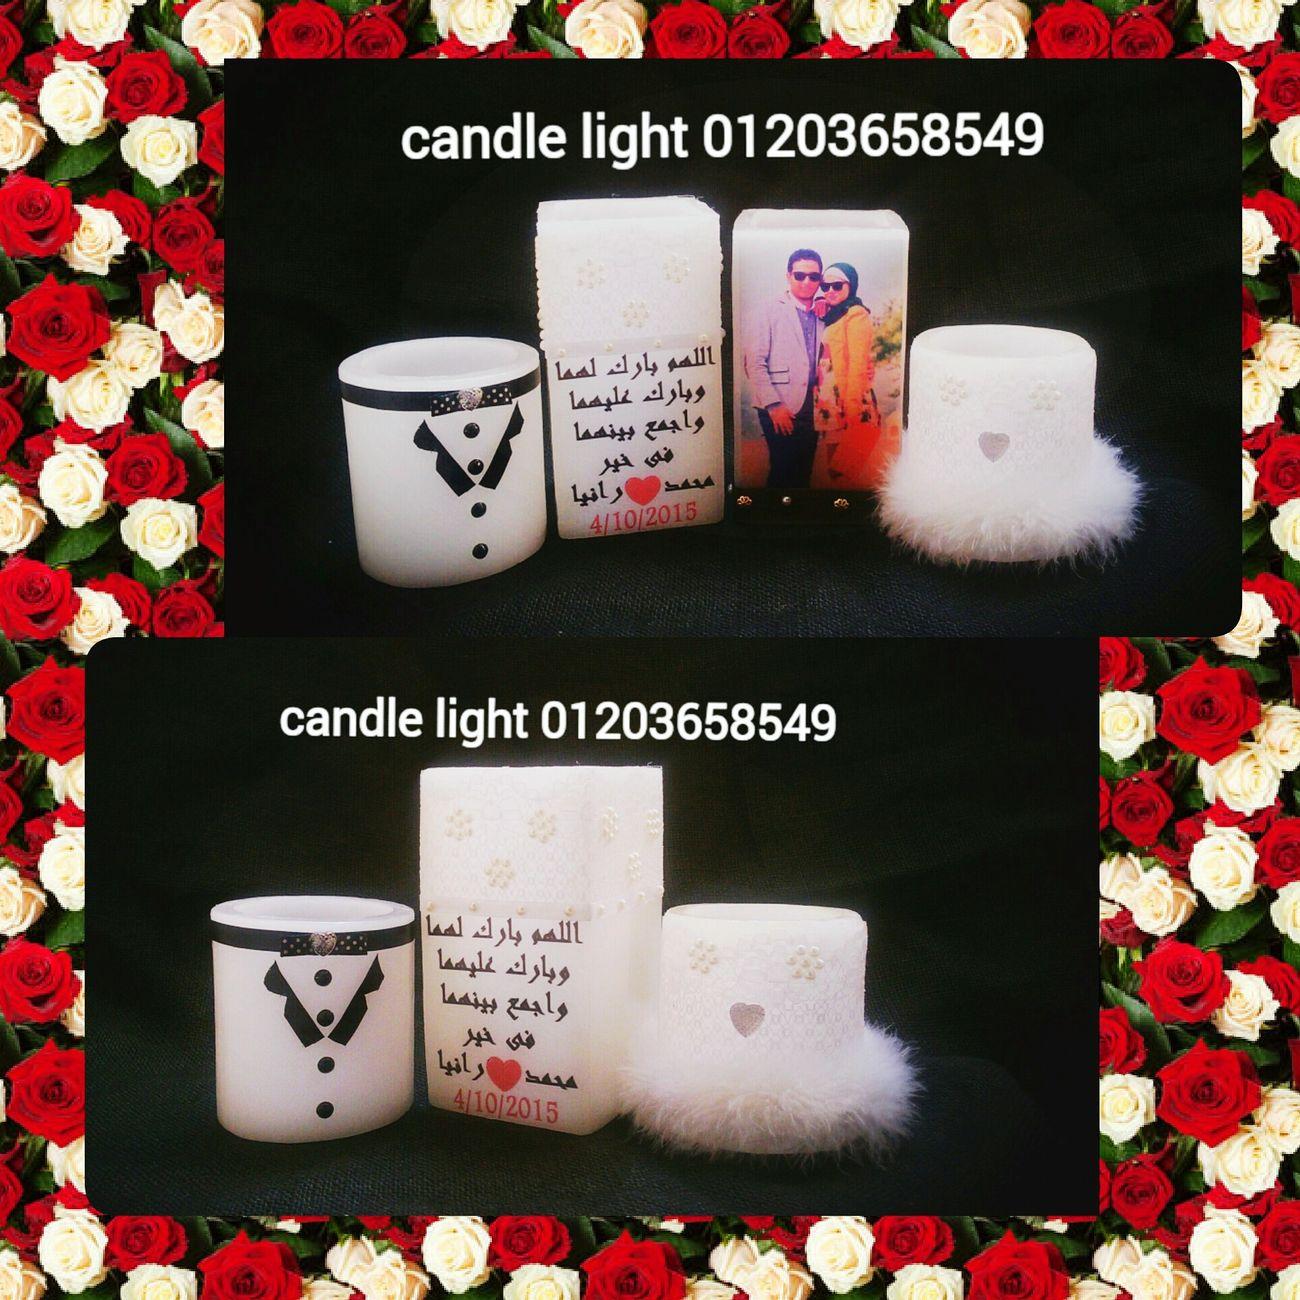 مصممة الشموع فاتن احمد Candle Light. شموع الفرح 😍 💖 💗